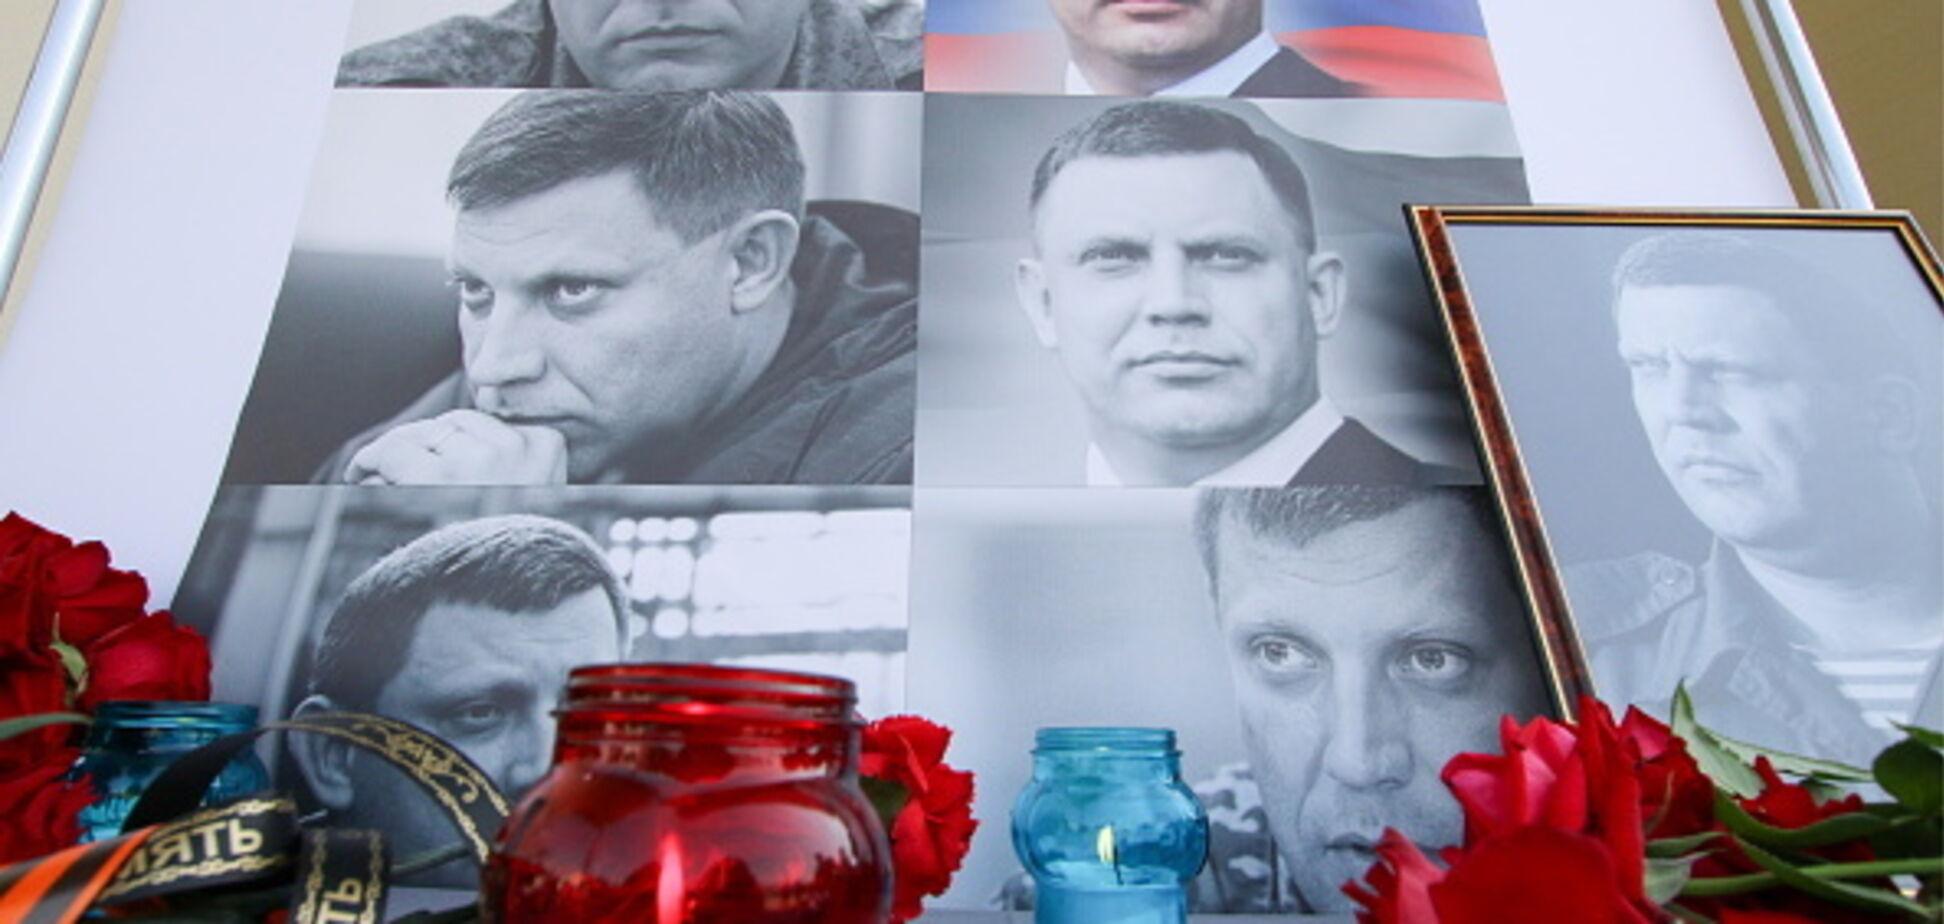 В России припугнули ''болезненной ответкой'' за Захарченко